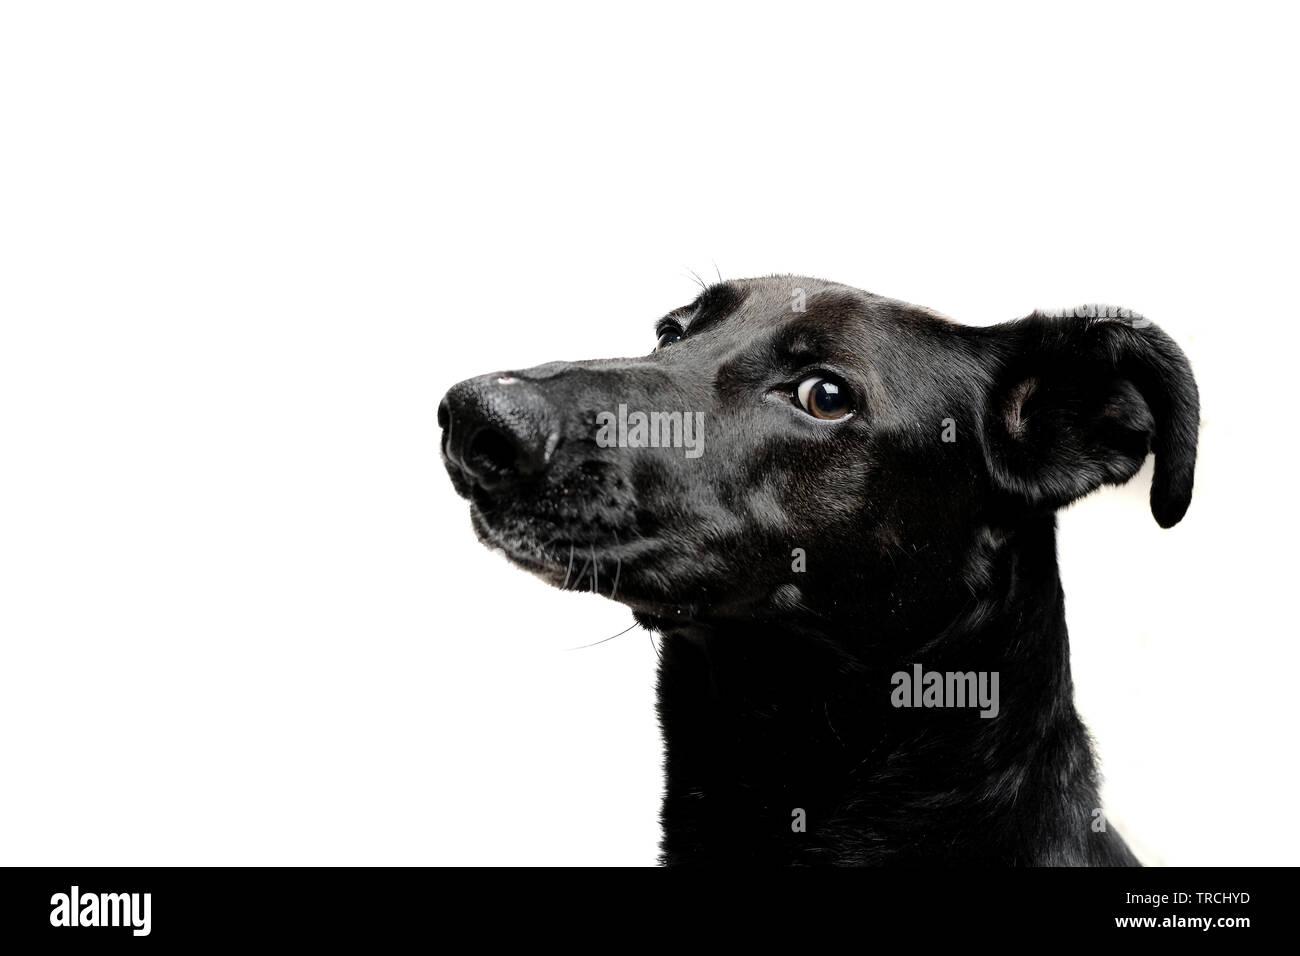 black dog with white background isolated - Stock Image